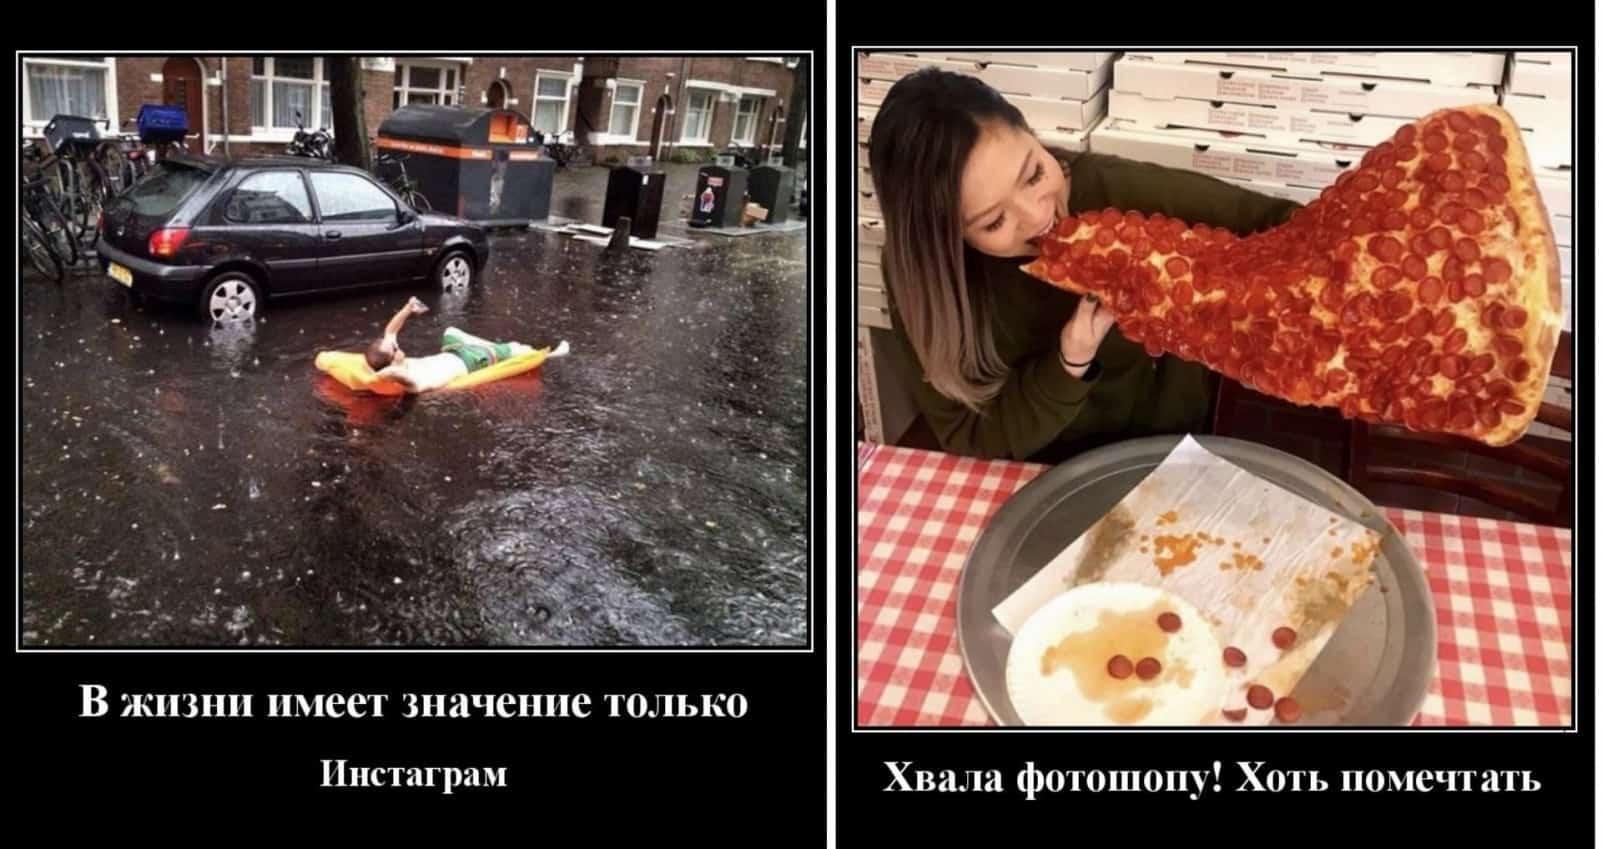 Новые демотиваторы и пицца в фотошопе